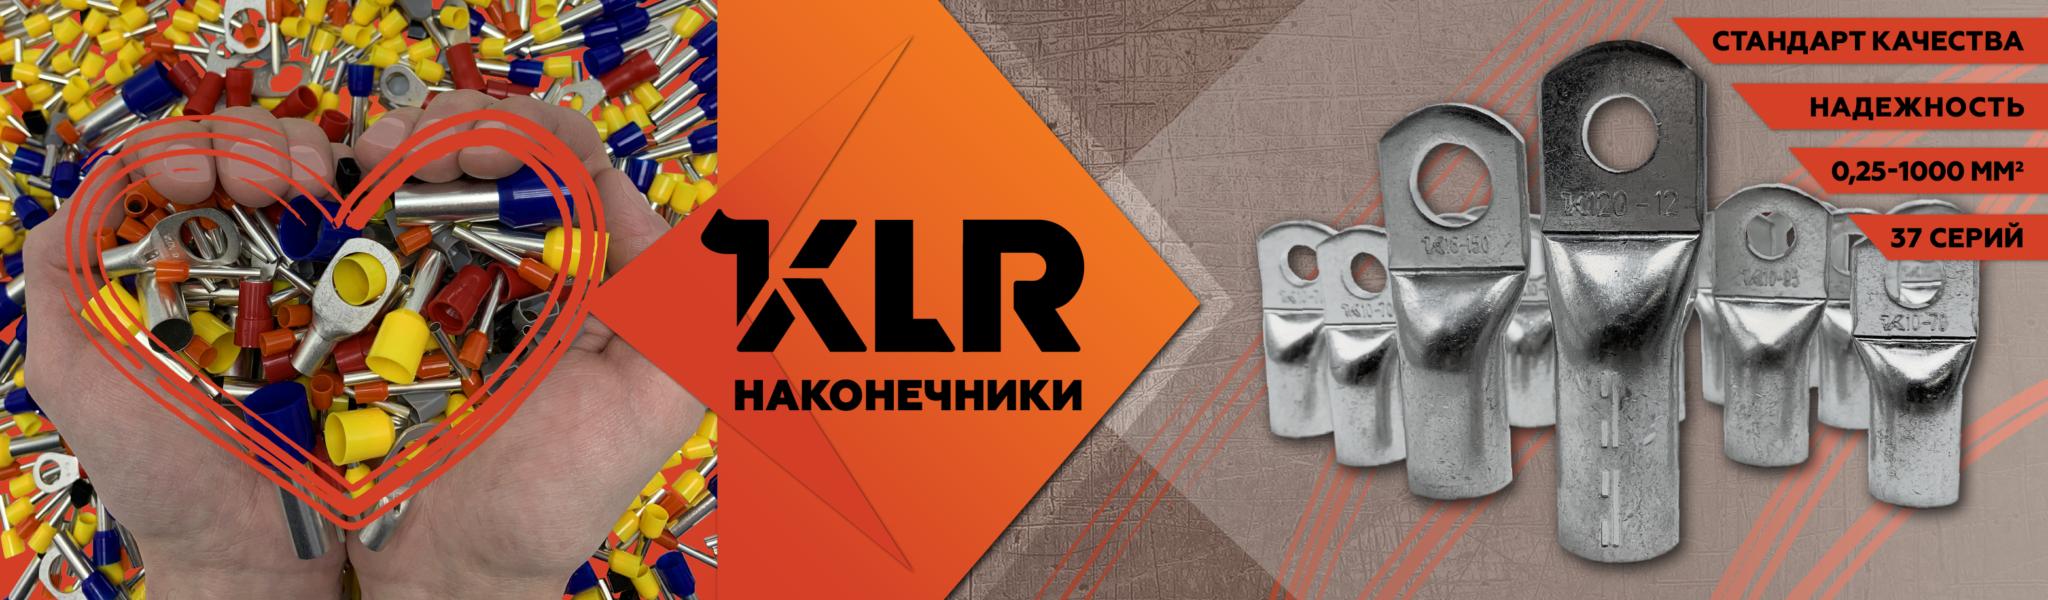 KLR - Кабельные наконечники